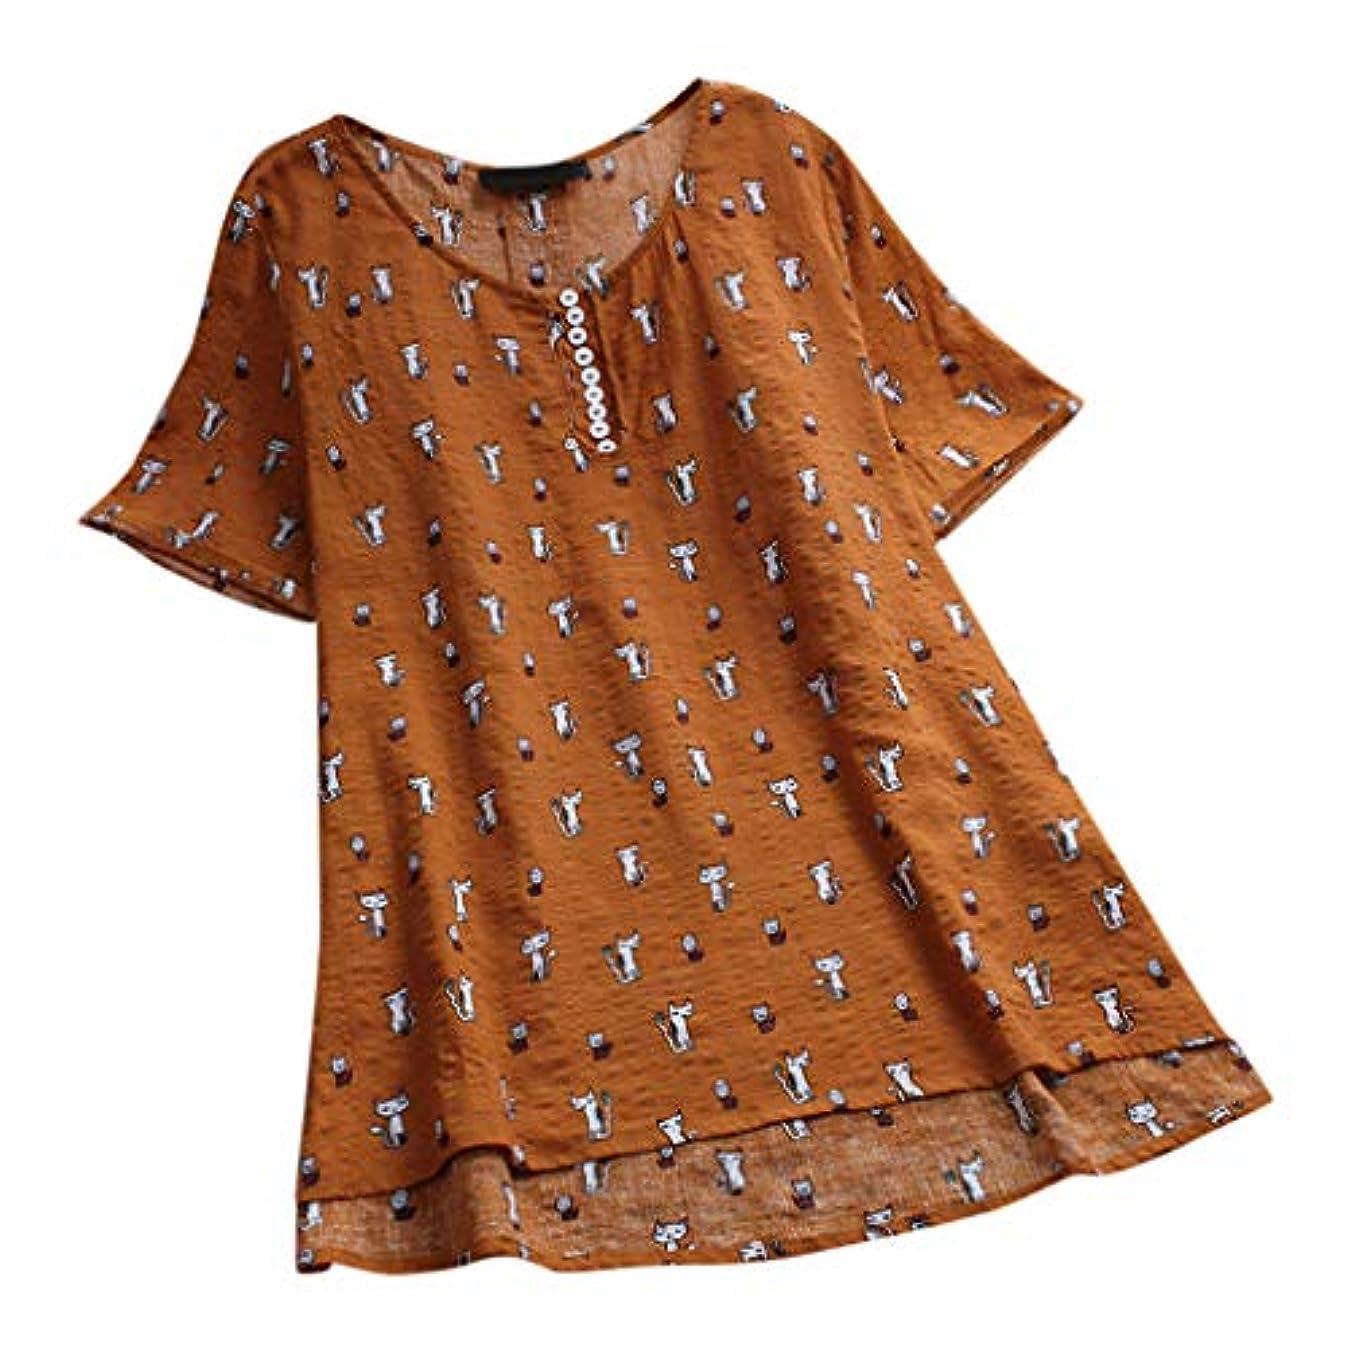 贅沢なロッドのスコアレディース tシャツ プラスサイズ 半袖 丸首 猫プリント ボタン ビンテージ チュニック トップス 短いドレス ブラウス 人気 夏服 快適な 軽い 柔らかい かっこいい ワイシャツ カジュアル シンプル オシャレ 春夏秋 対応